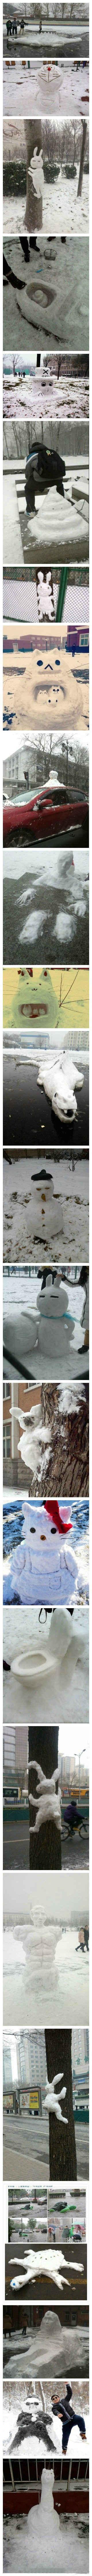 下雪后,人人都是艺术家~!!哈哈哈。。。